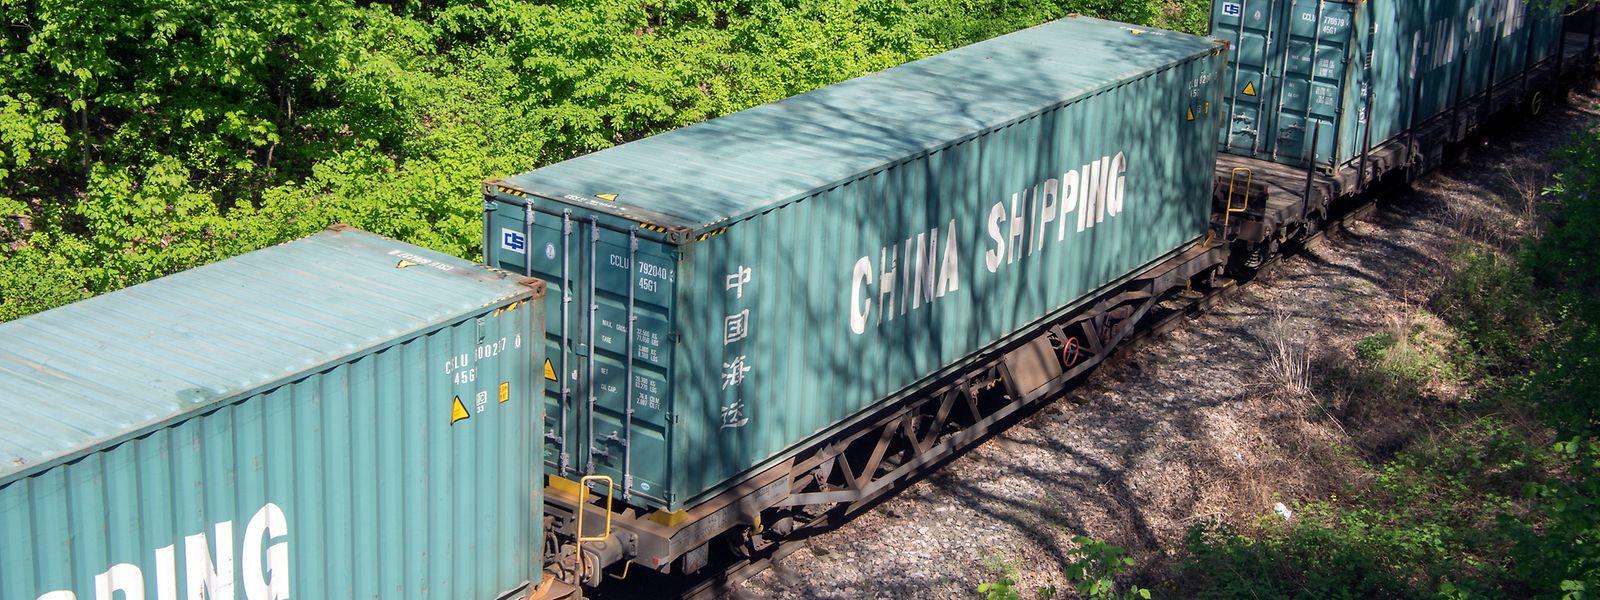 Containerzüge aus dem Reich der Mitte sollen irgendwann auch einmal nach Bettemburg rollen. Bislang blieb es aber bei Absichtserklärungen.